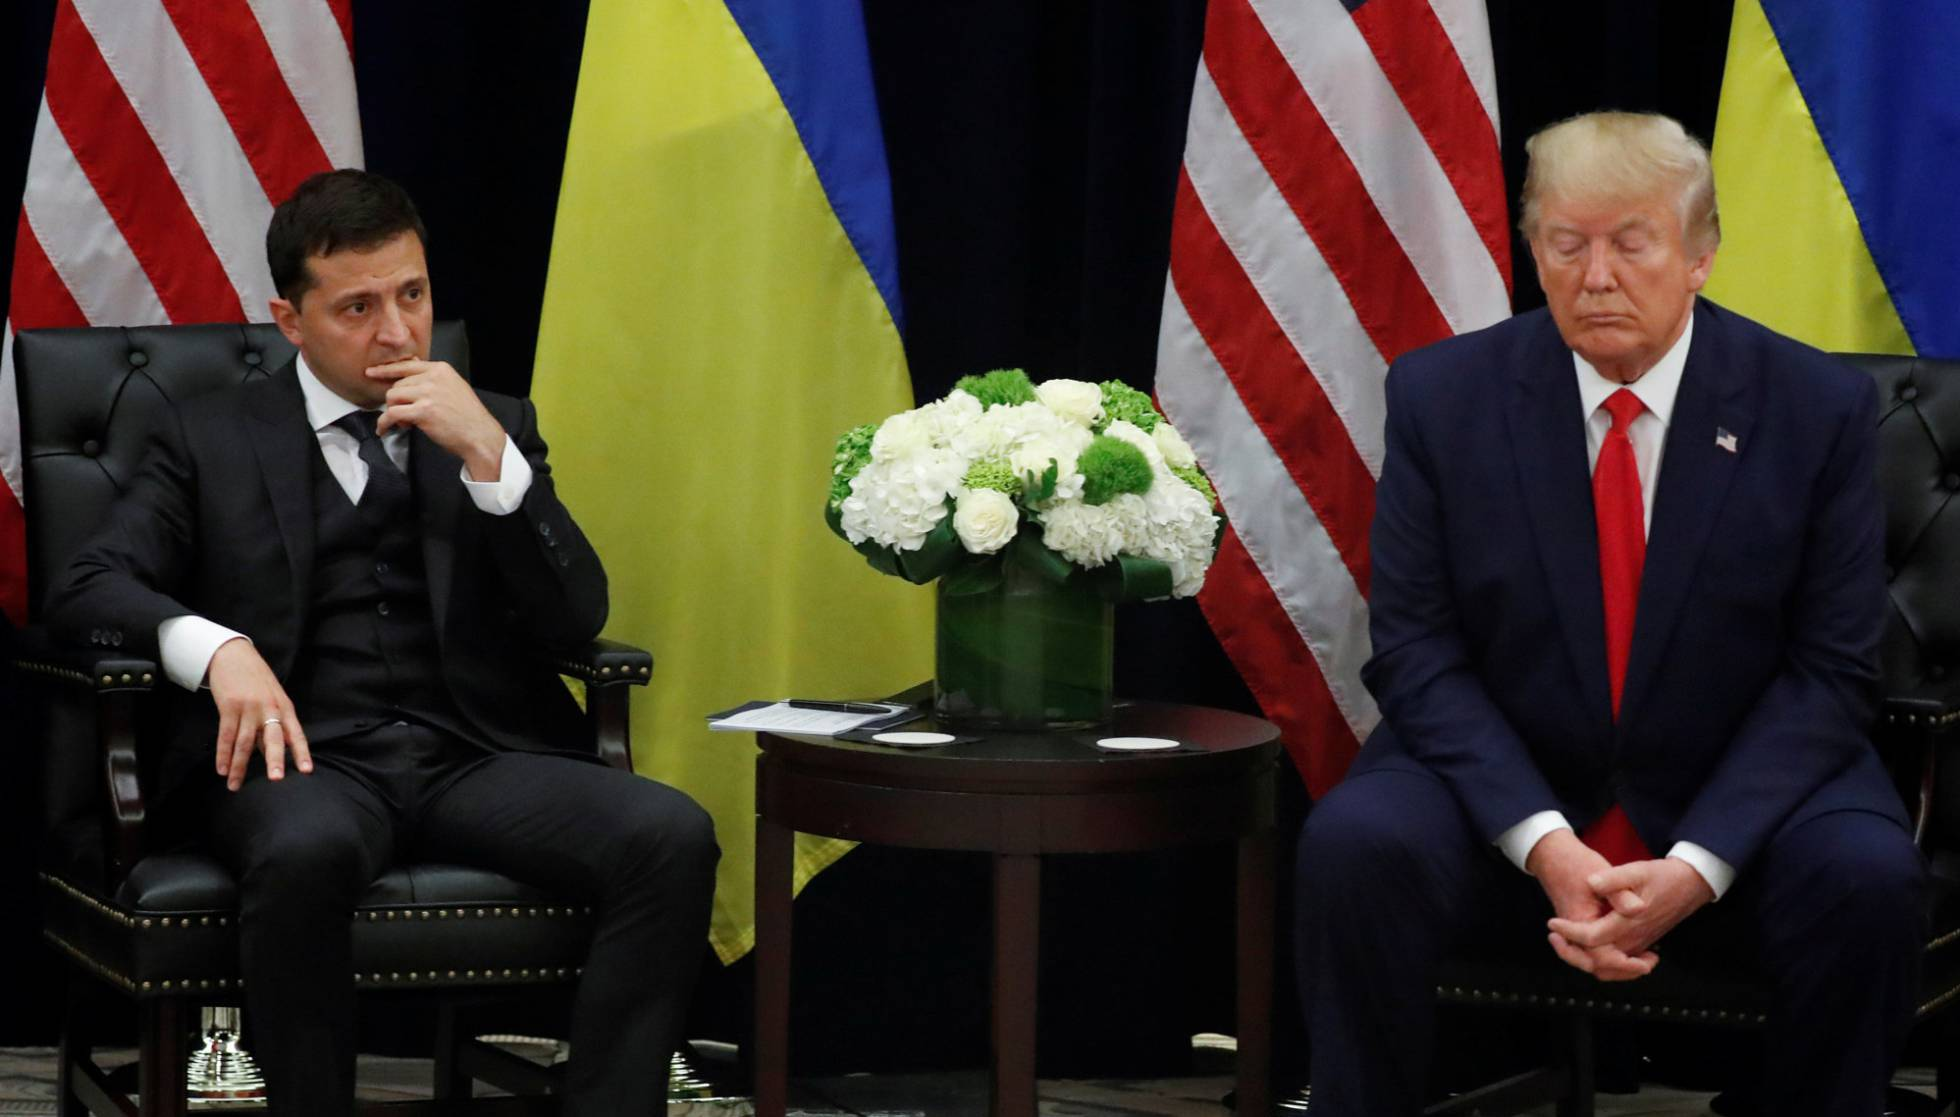 La Casa Blanca intentó esconder la llamada de Trump a Ucrania, según el informe del denunciante